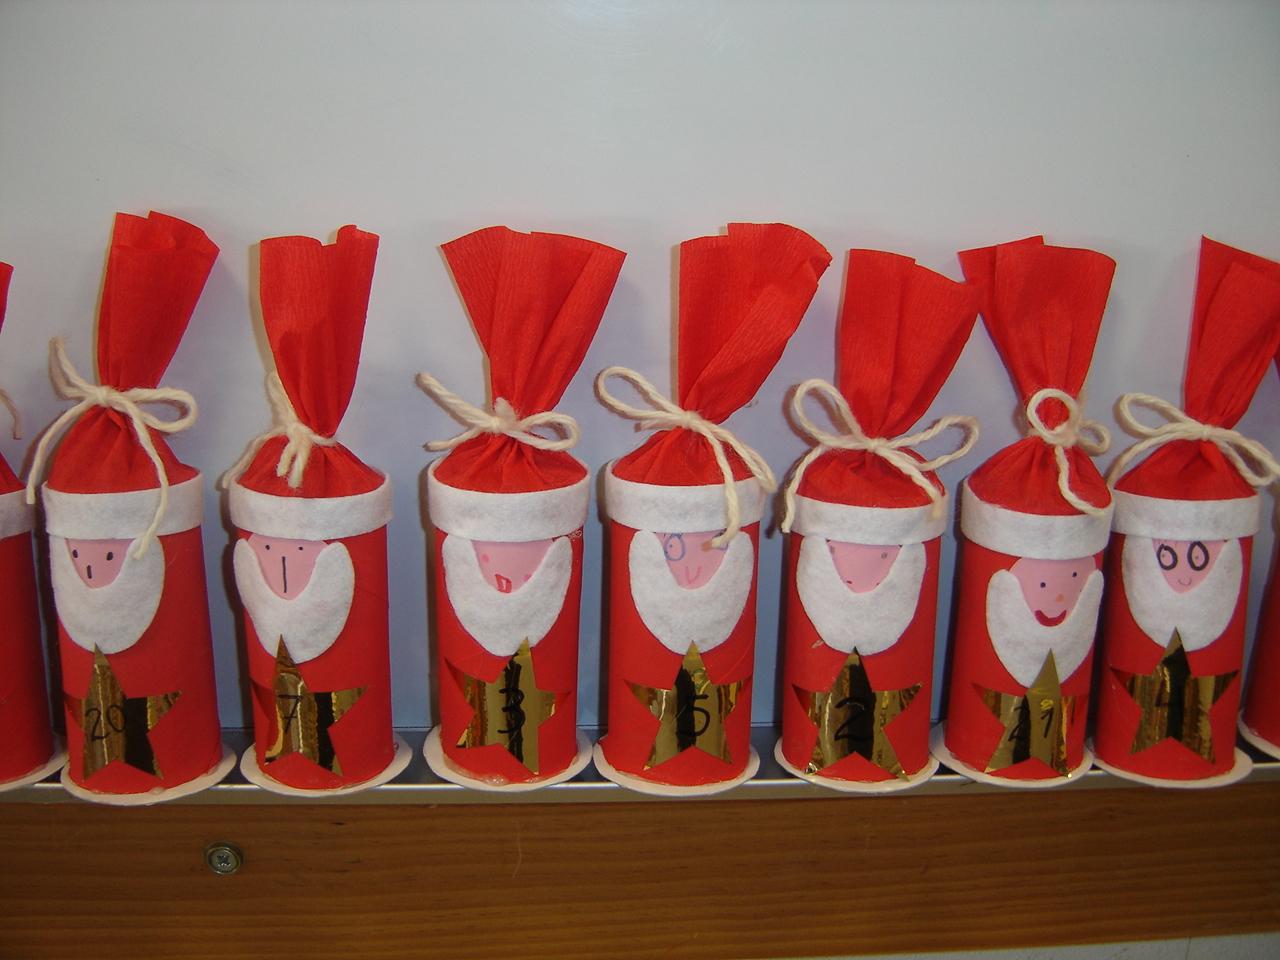 ideias para trabalhar no jardim de infancia:Com rolos de papel higiénico nasce este lindo projecto.